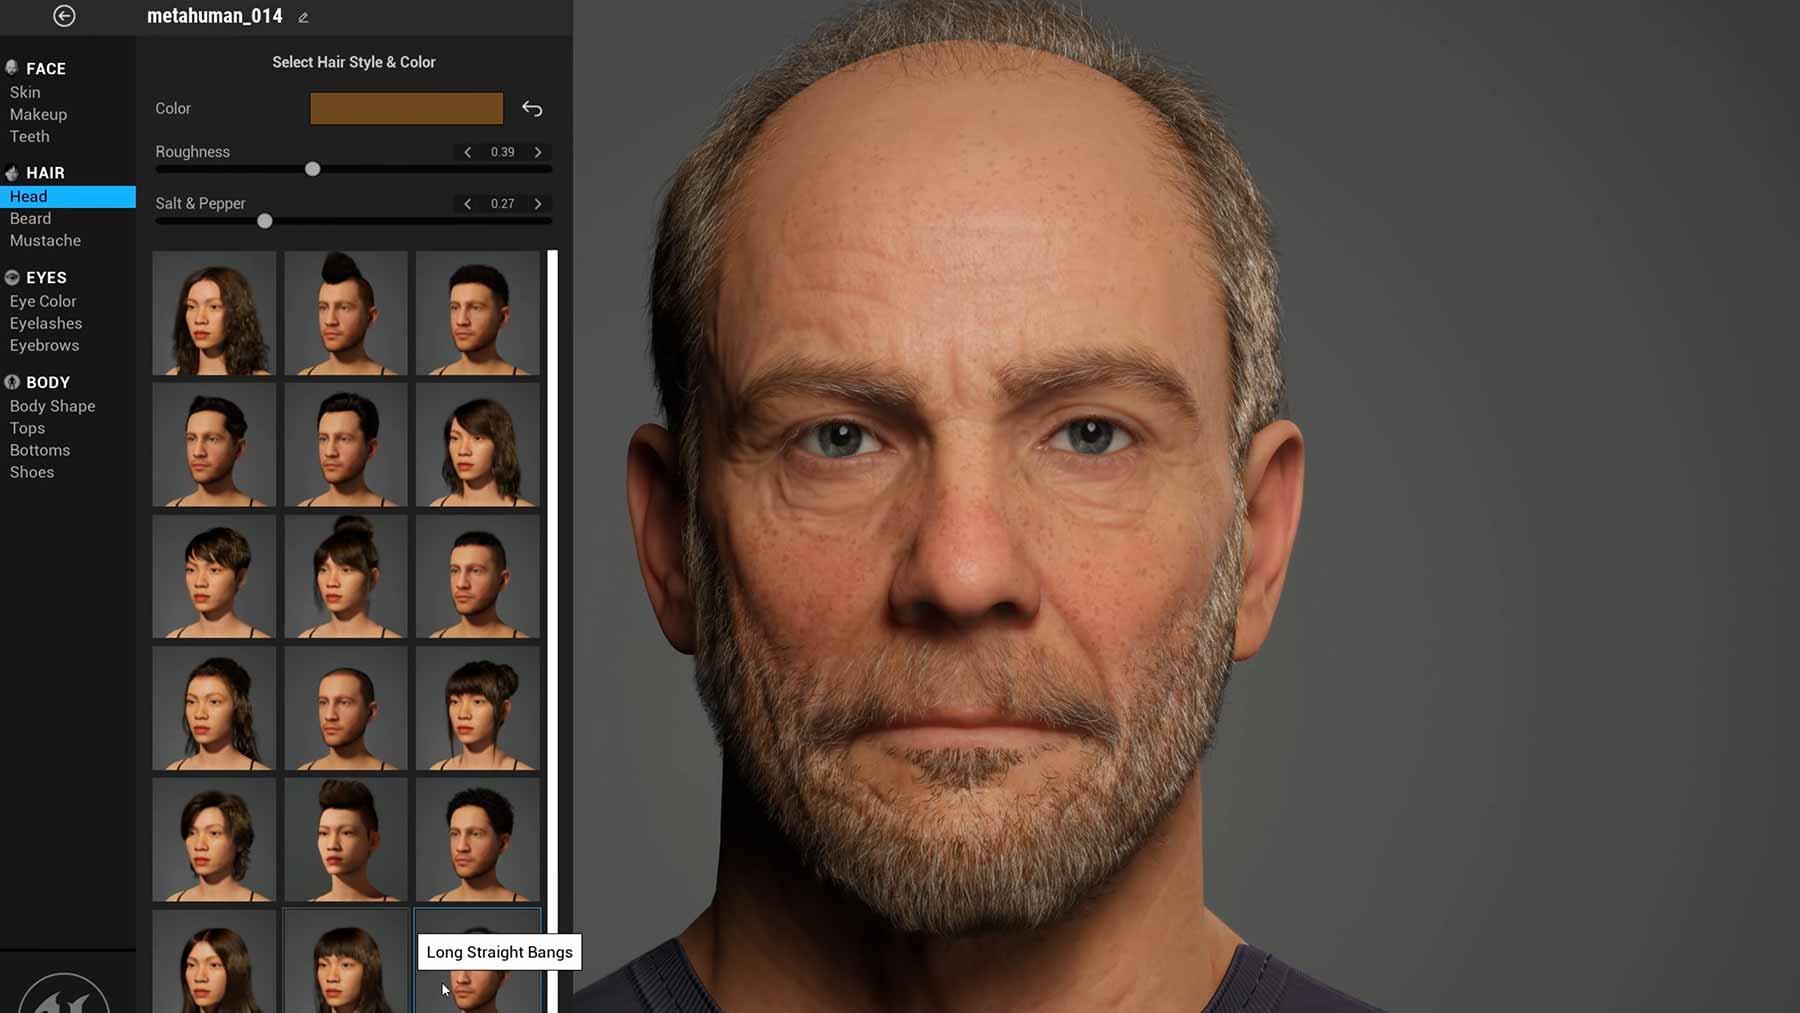 Unreal Engine will mit dem MetaHuman Creator hyperrealistische künstliche Menschen animieren